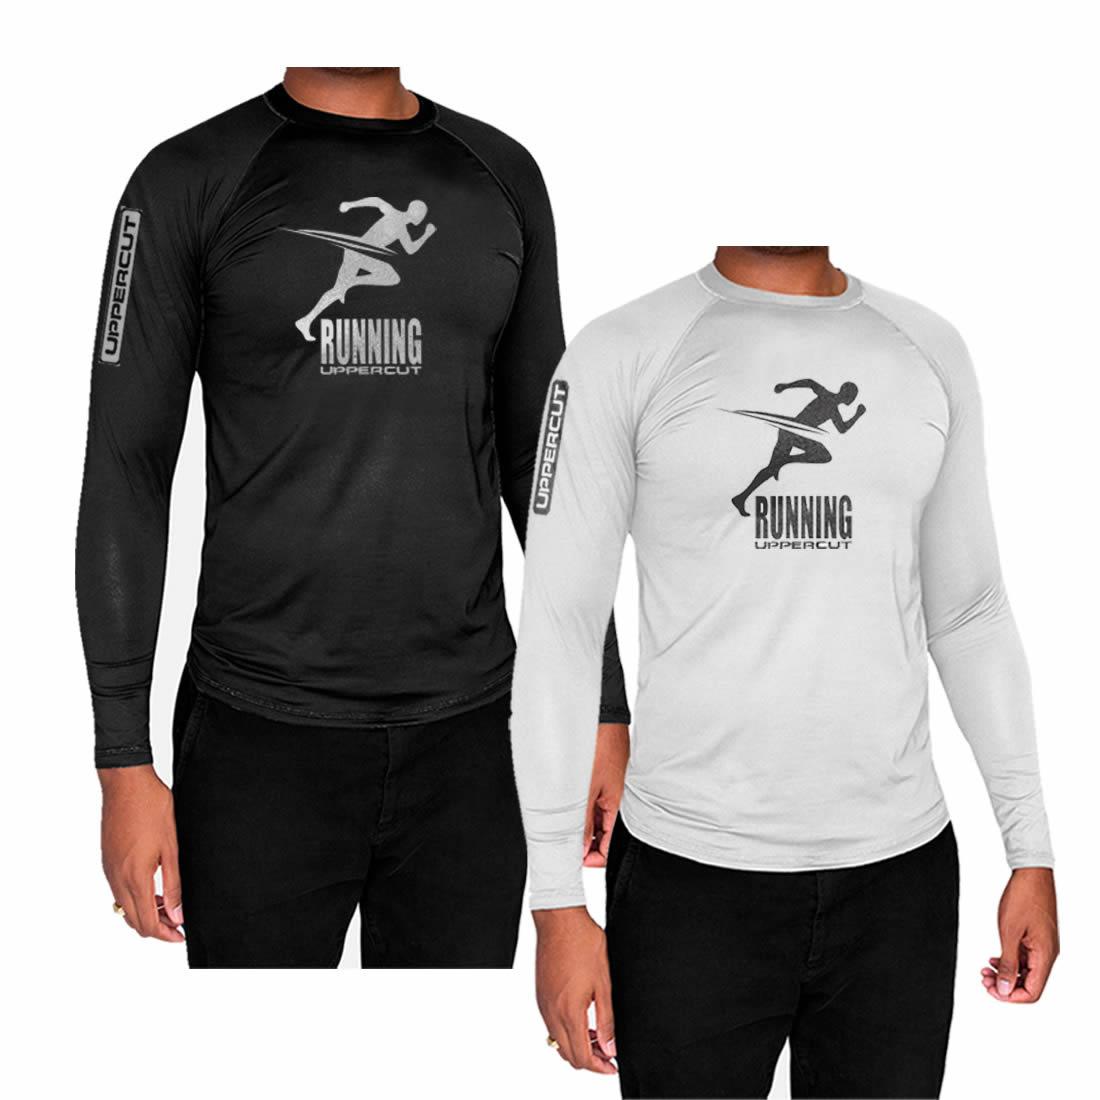 Kit 2 Camisas Proteção Solar ML UV50+ Running Corrida - Kt29